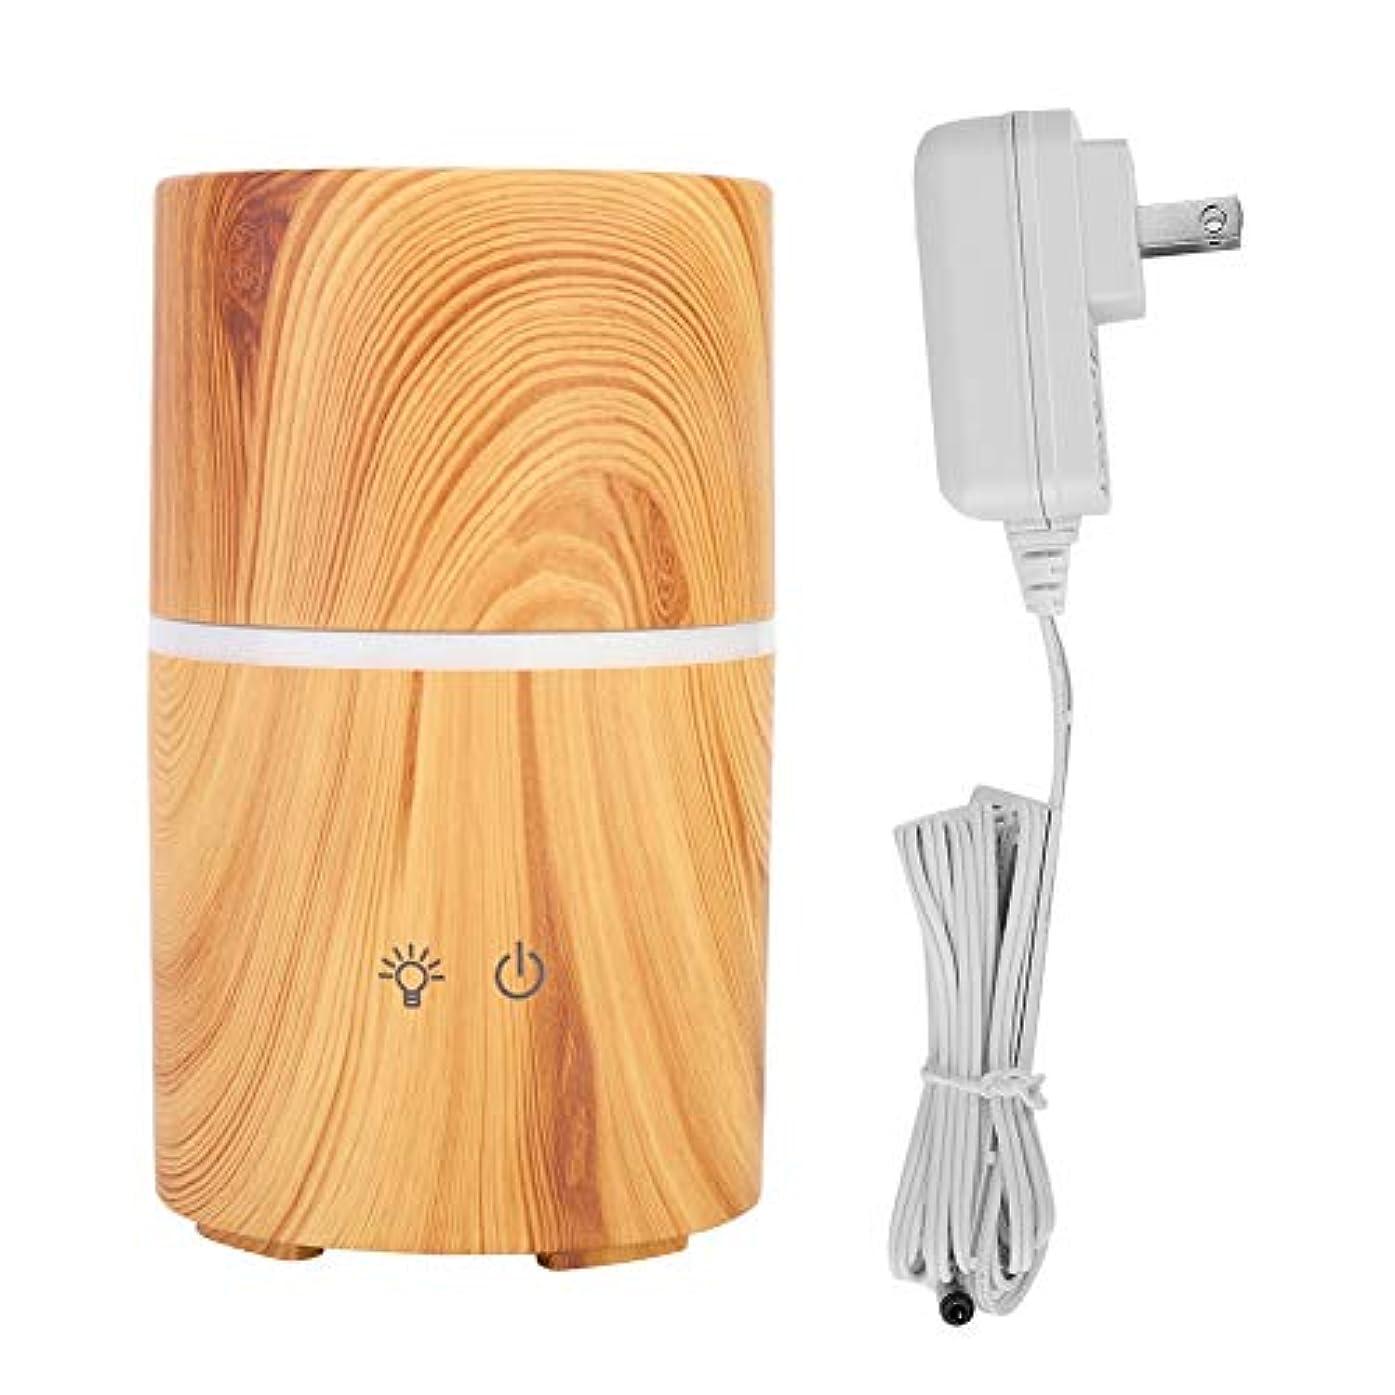 畝間ストレスの多い城アロマセラピーディフューザー、多目的木目LEDインテリジェントディフューザーワイヤレススピーカー加湿器家庭用装飾(USプラグ100-240V)